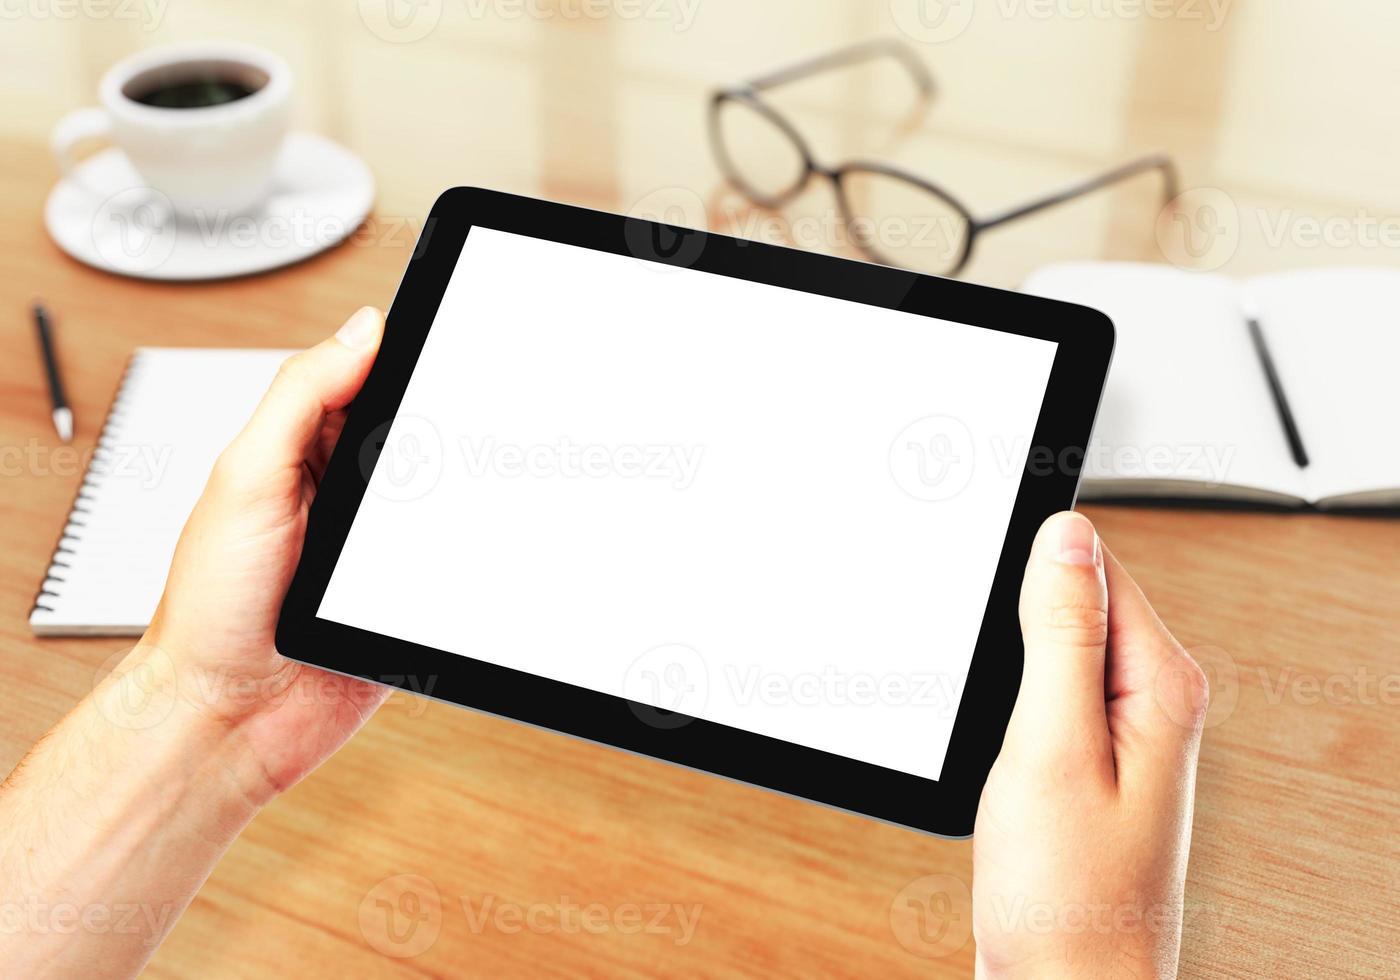 mani che tengono tablet, occhiali e quaderni in background foto